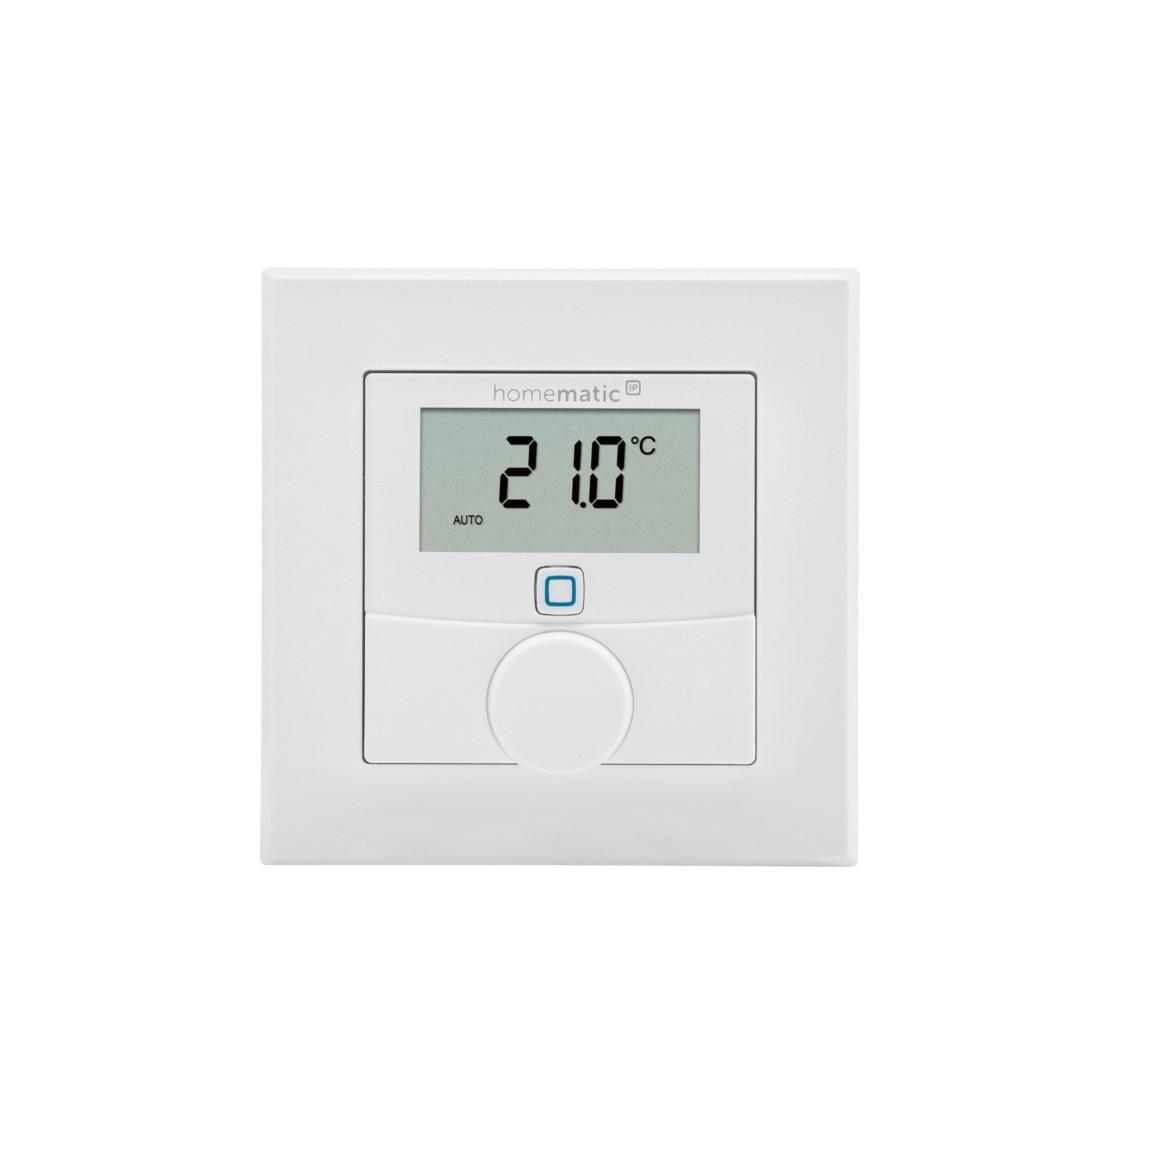 Homematic IP Wandthermostat mit Luftfeuchtigkeitssensor